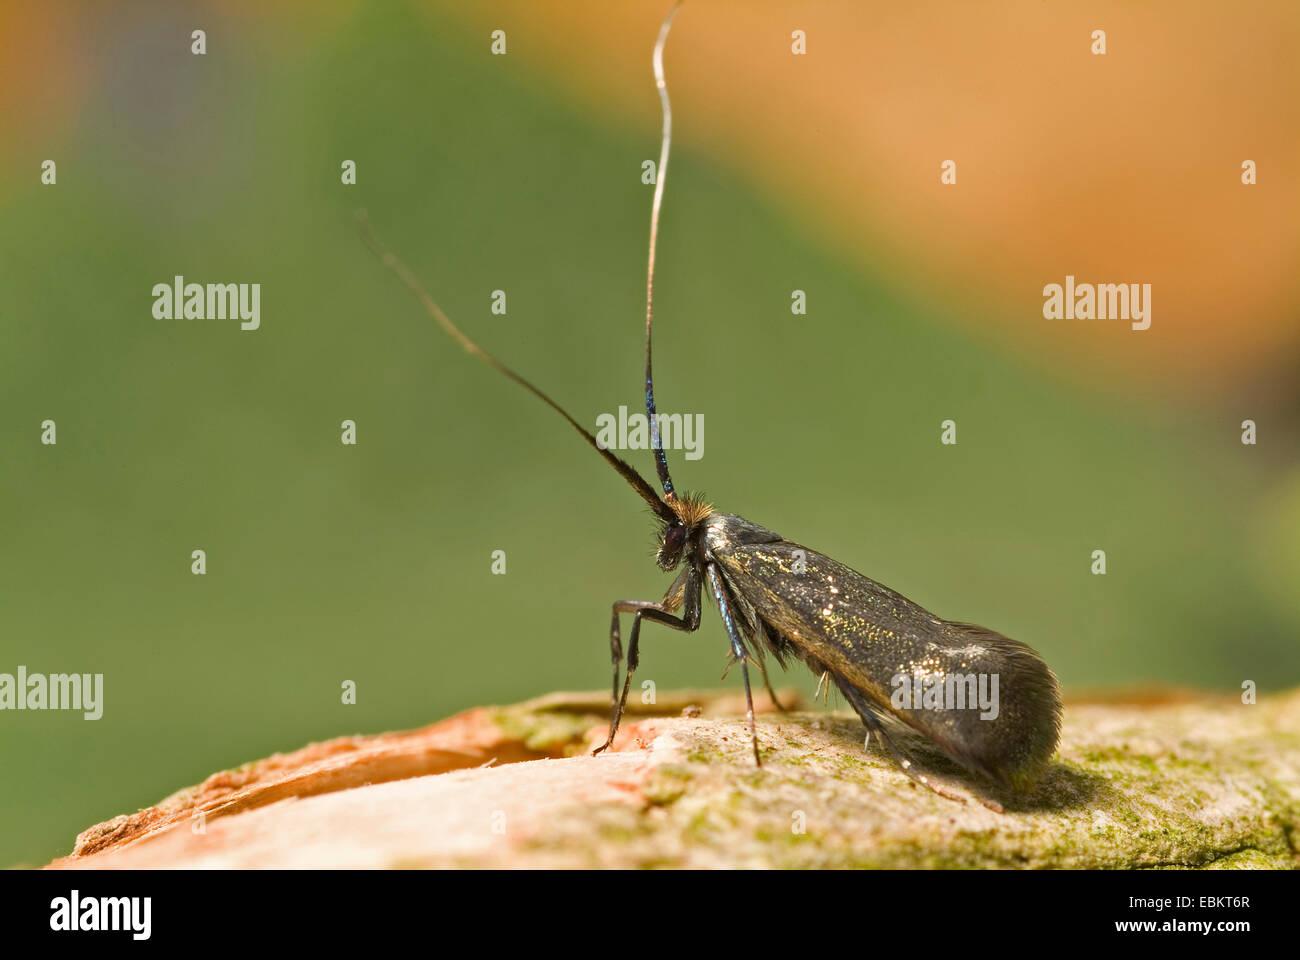 Green Longhorn, Green Long-horn (Adela reaumurella, Phalaena reaumurella, Phalaena viridella, Adela viridella), - Stock Image